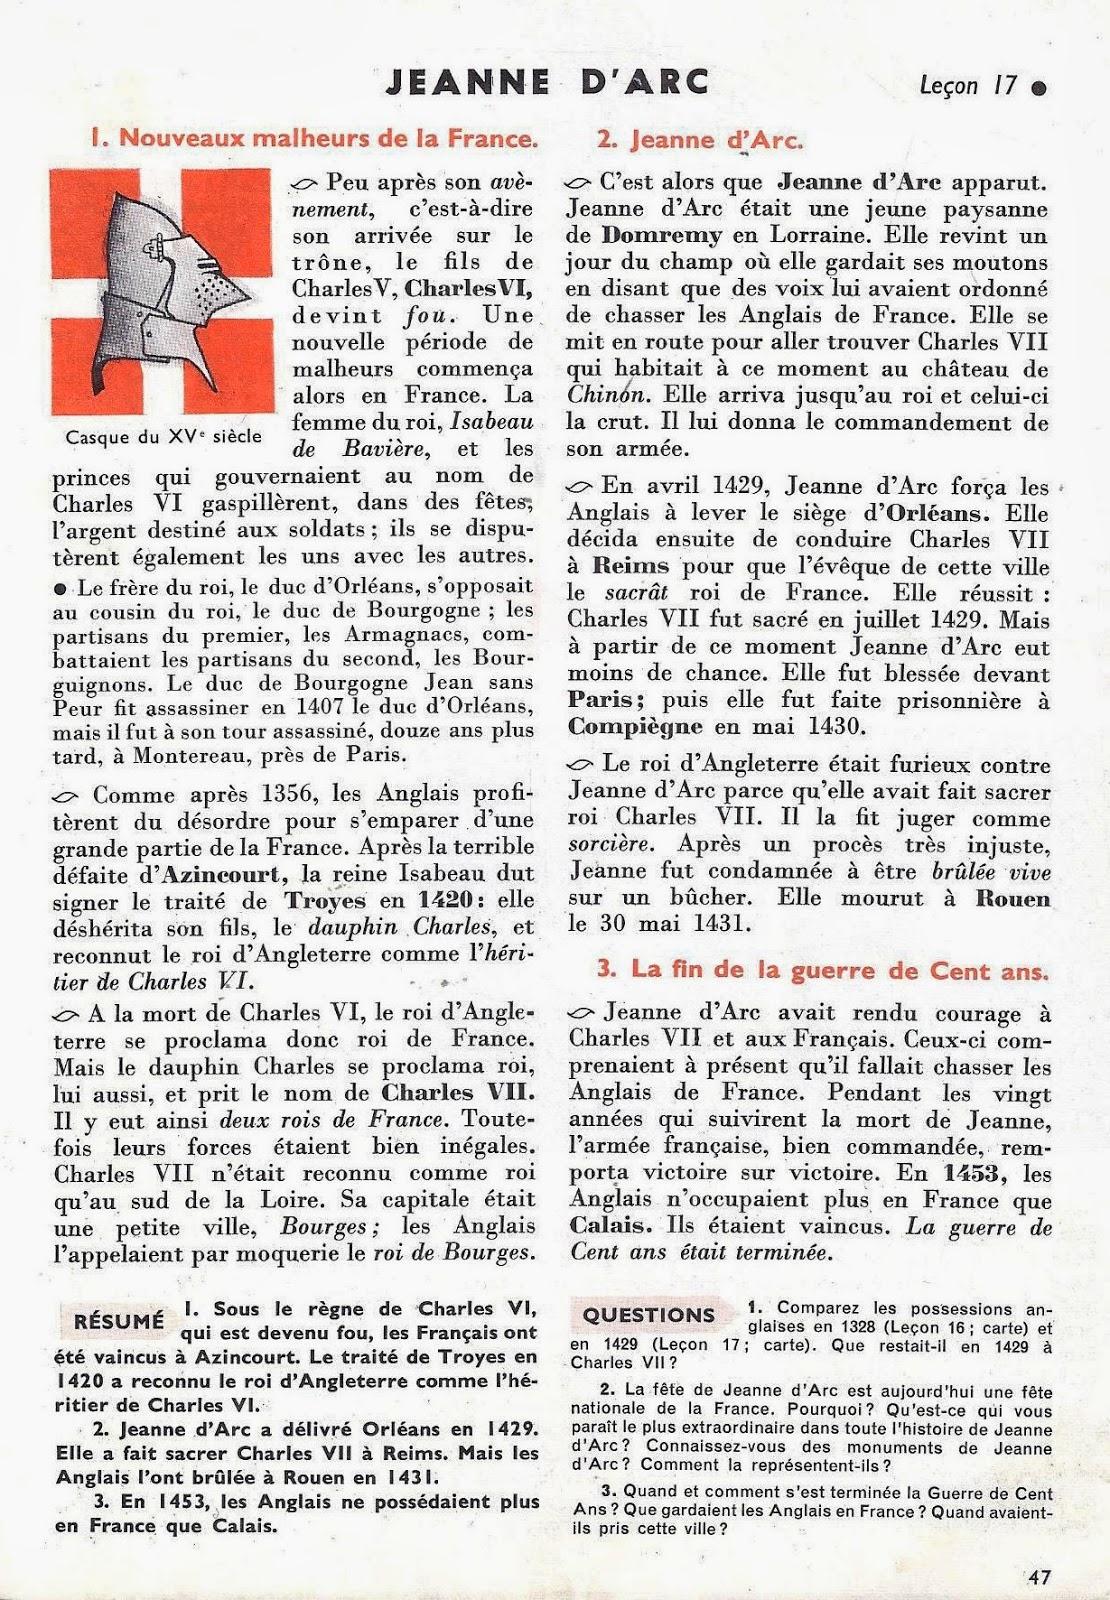 Chronologie abrégée de lhistoire de France EspaceFrancais